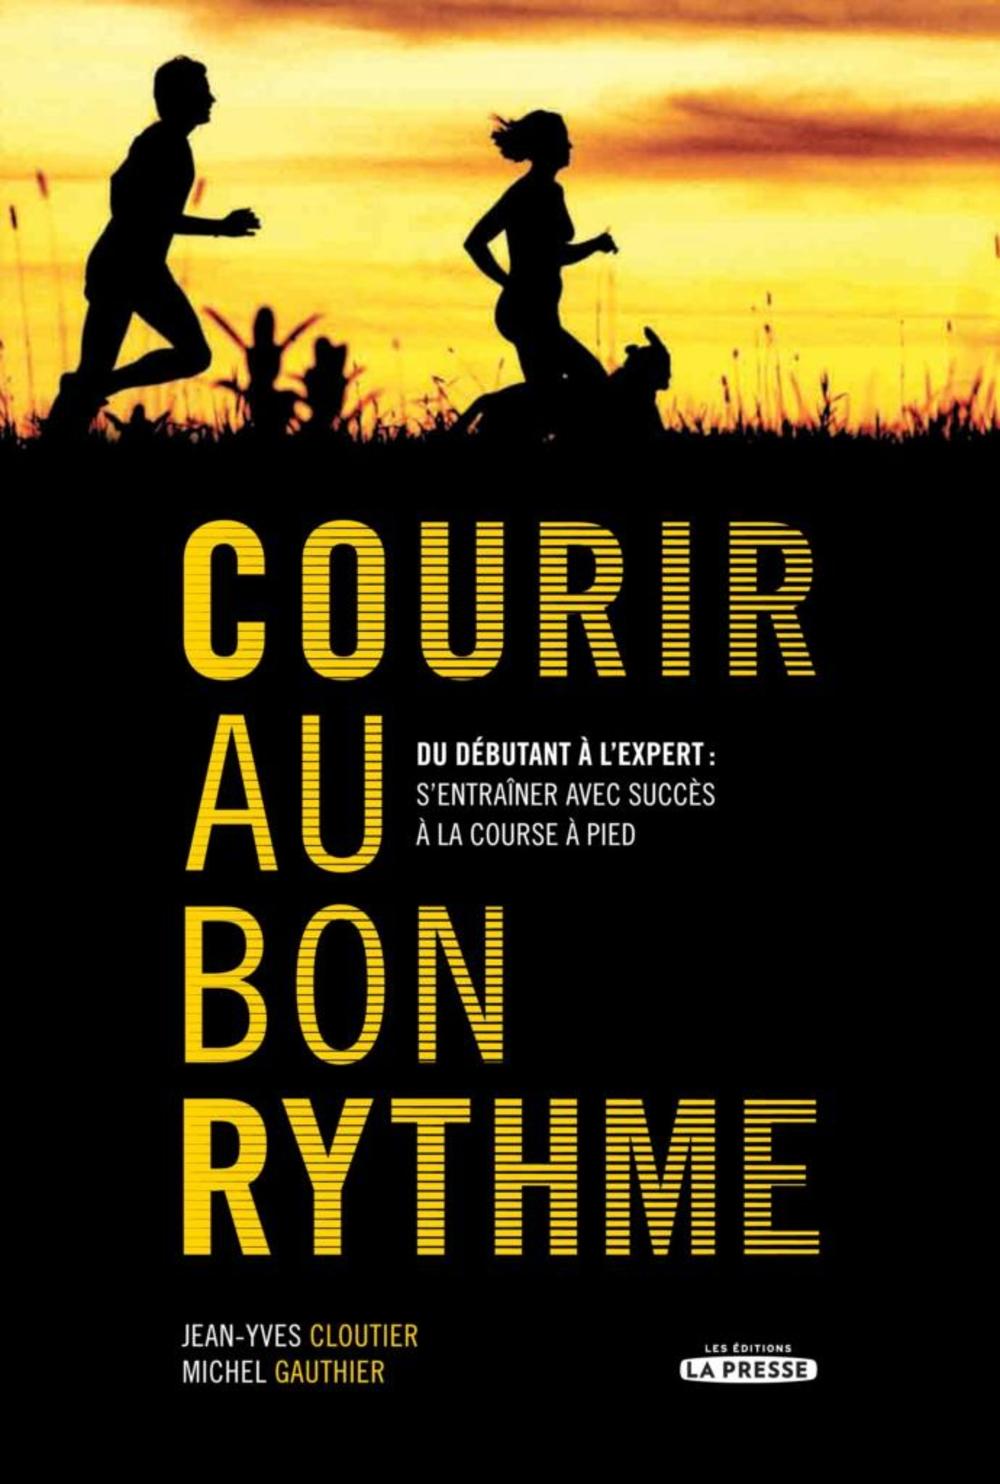 Couverture : Courir au bon rythme: Du débutant à l'expert Jean-yves Cloutier, Michel Gauthier